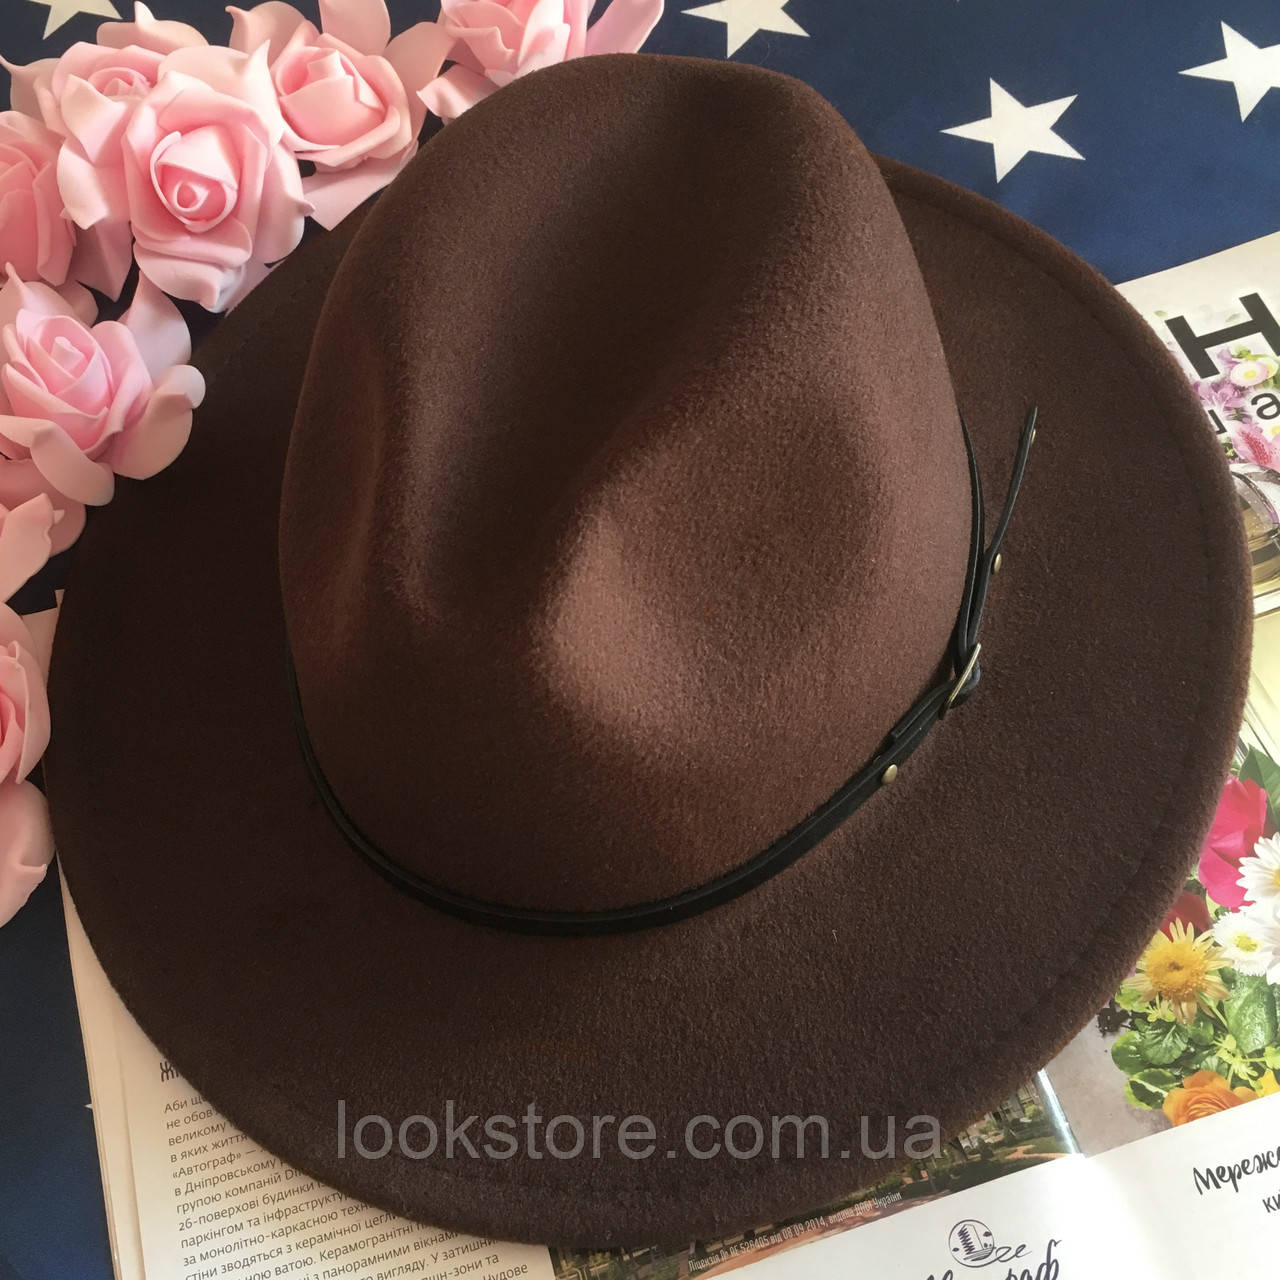 Шляпа Федора унисекс с устойчивыми полями Classic коричневая